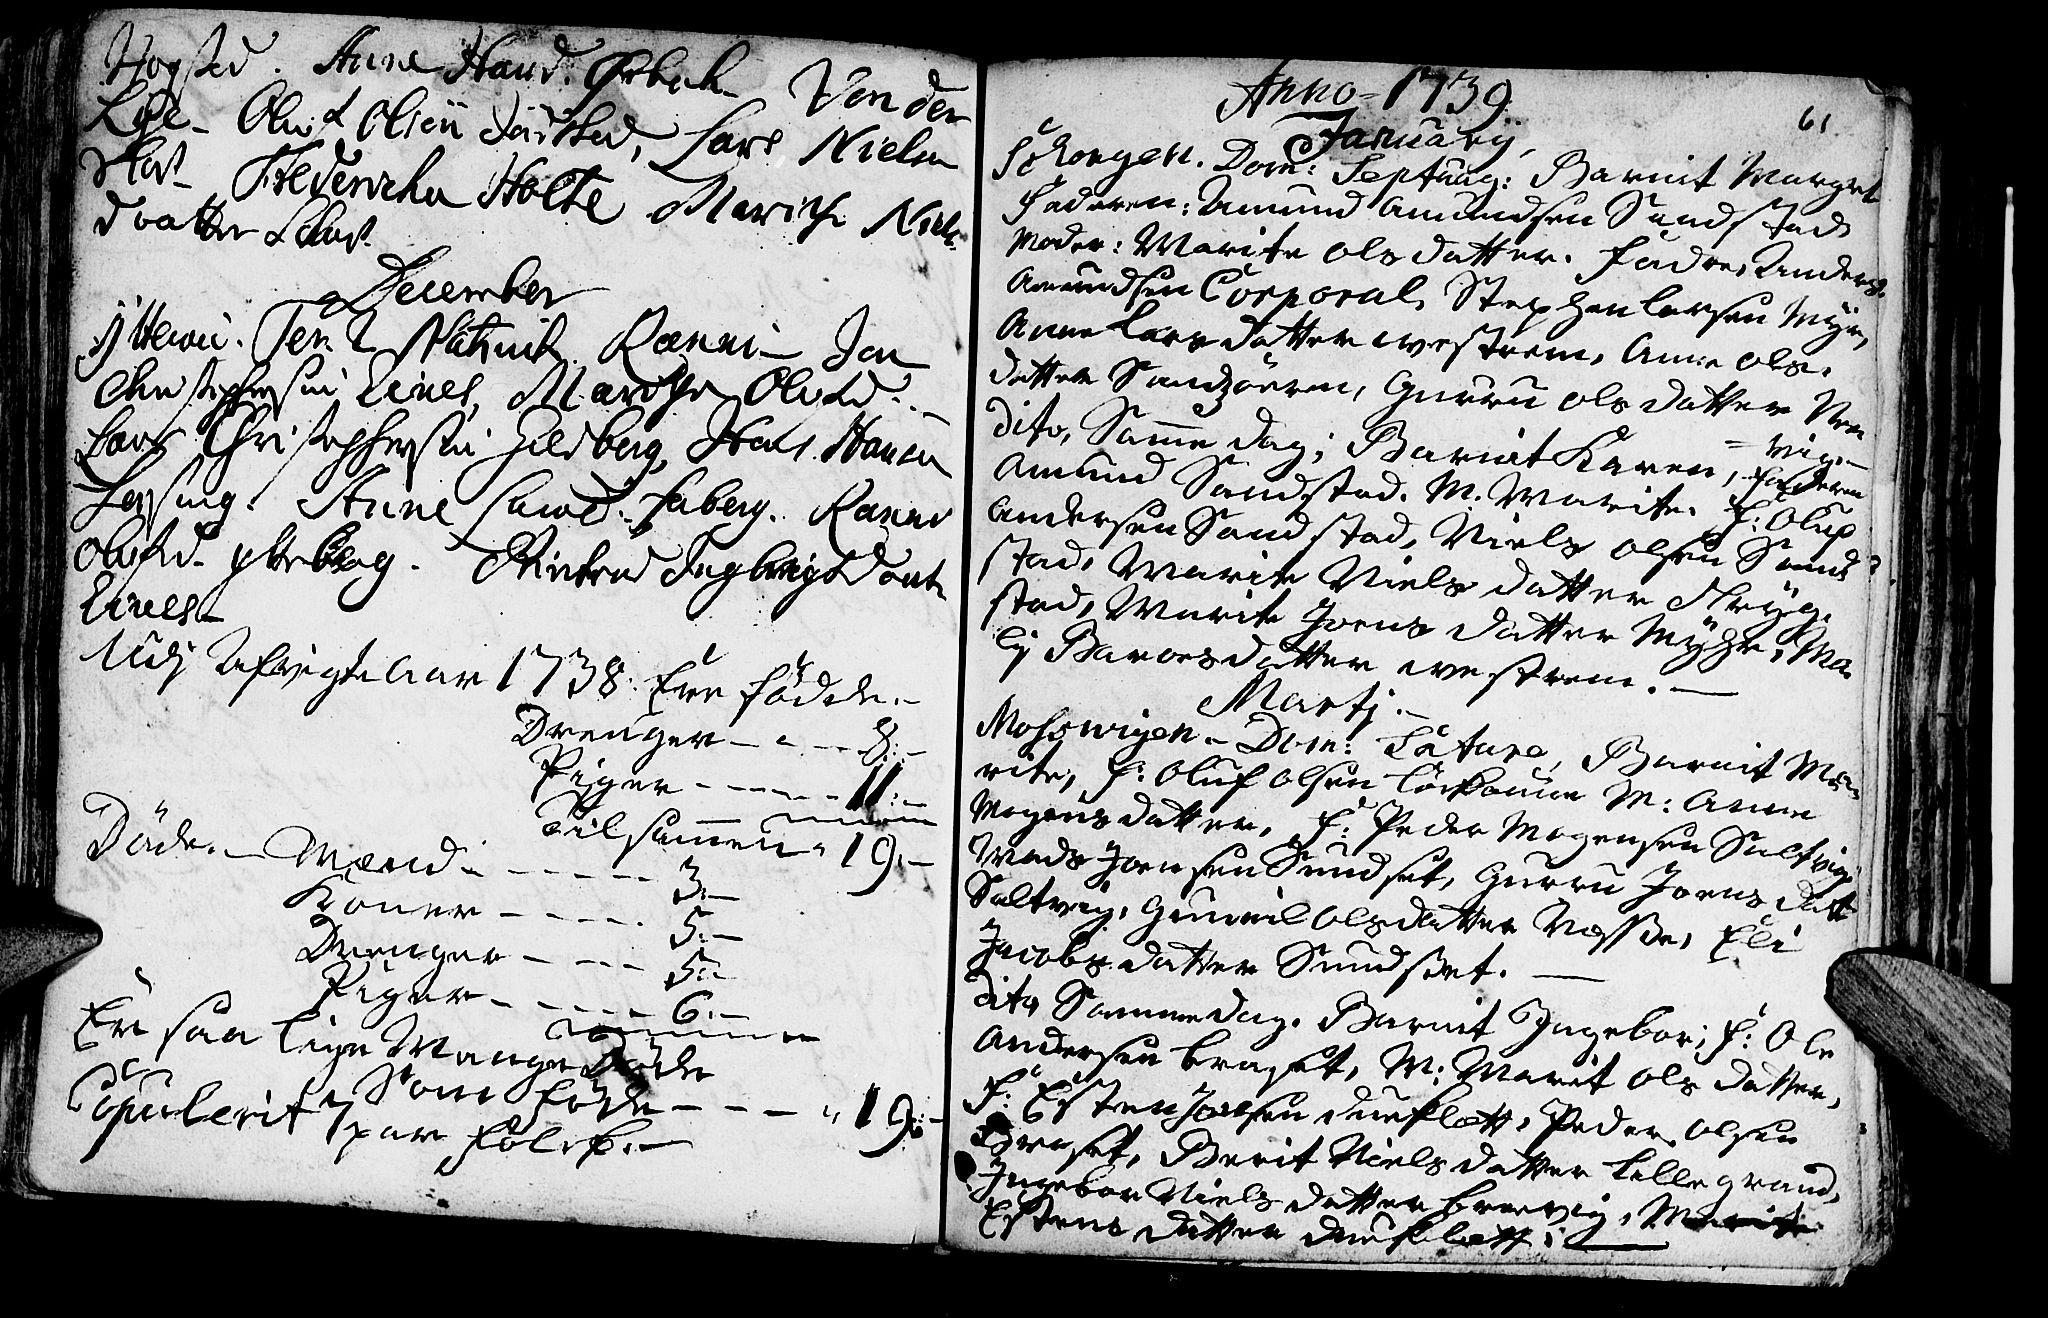 SAT, Ministerialprotokoller, klokkerbøker og fødselsregistre - Nord-Trøndelag, 722/L0215: Ministerialbok nr. 722A02, 1718-1755, s. 61